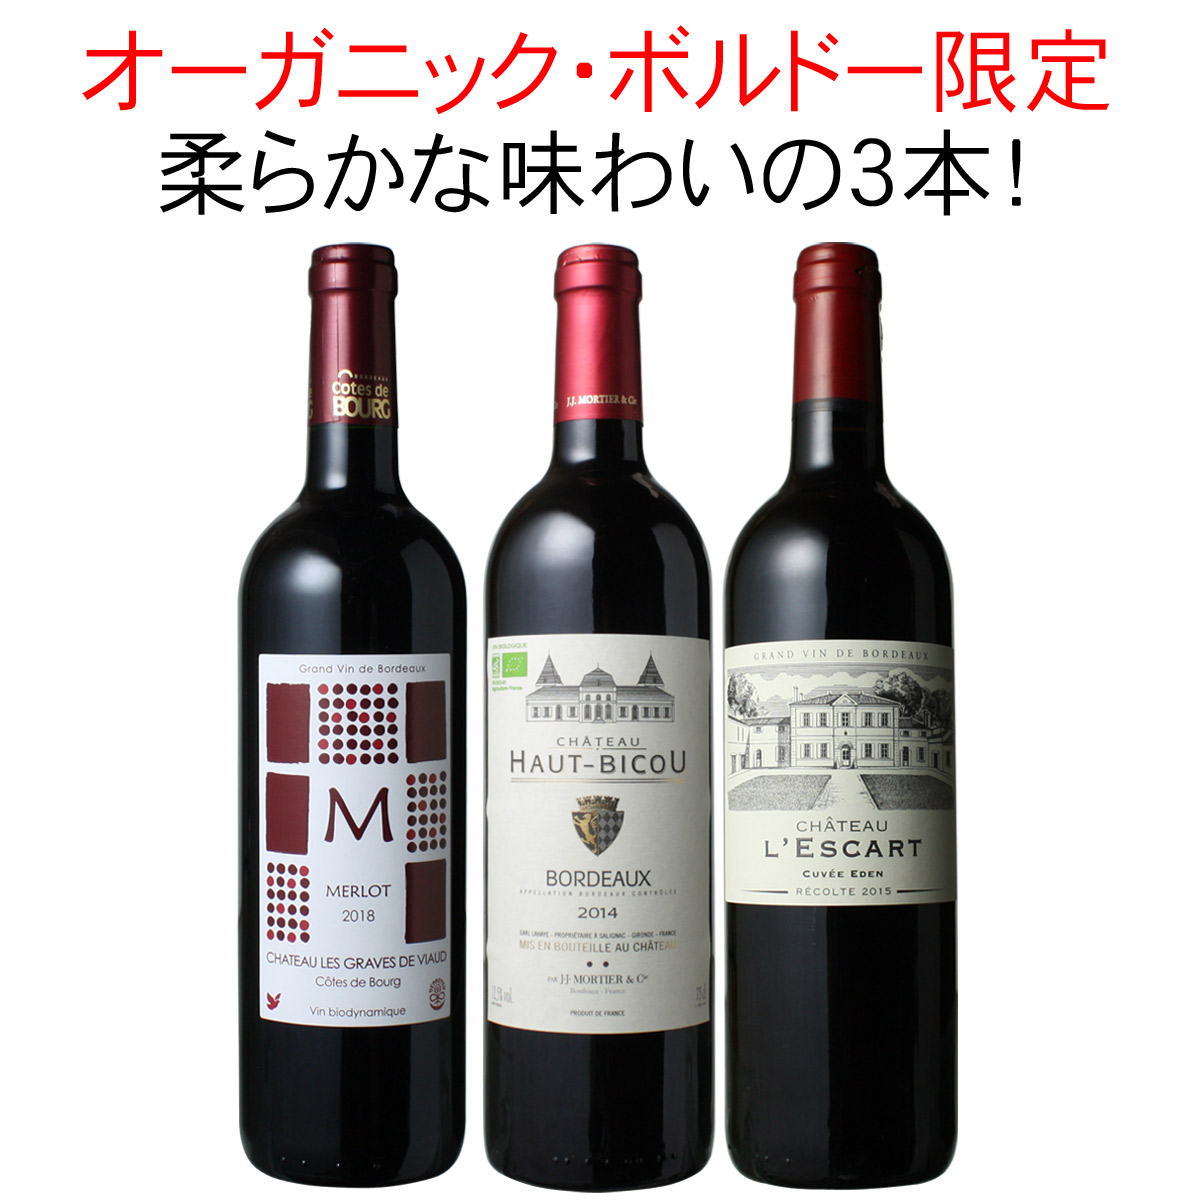 ワインセット オーガニック ボルドー ワイン 3本 セット ユーロリーフ認定入 家飲み 御祝 誕生日 ハロウィン ギフト プレゼント 全て厳しい基準をクリア